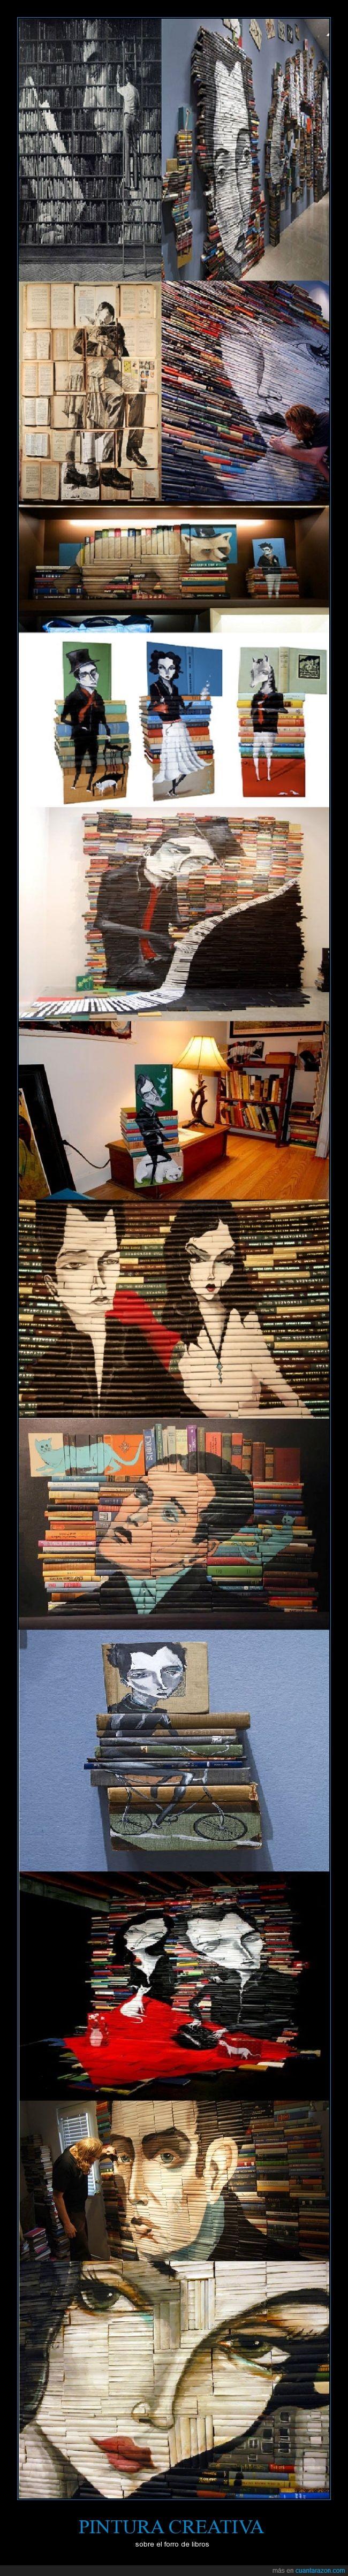 arte,biblioteca,forros,libros,pintor,pintura